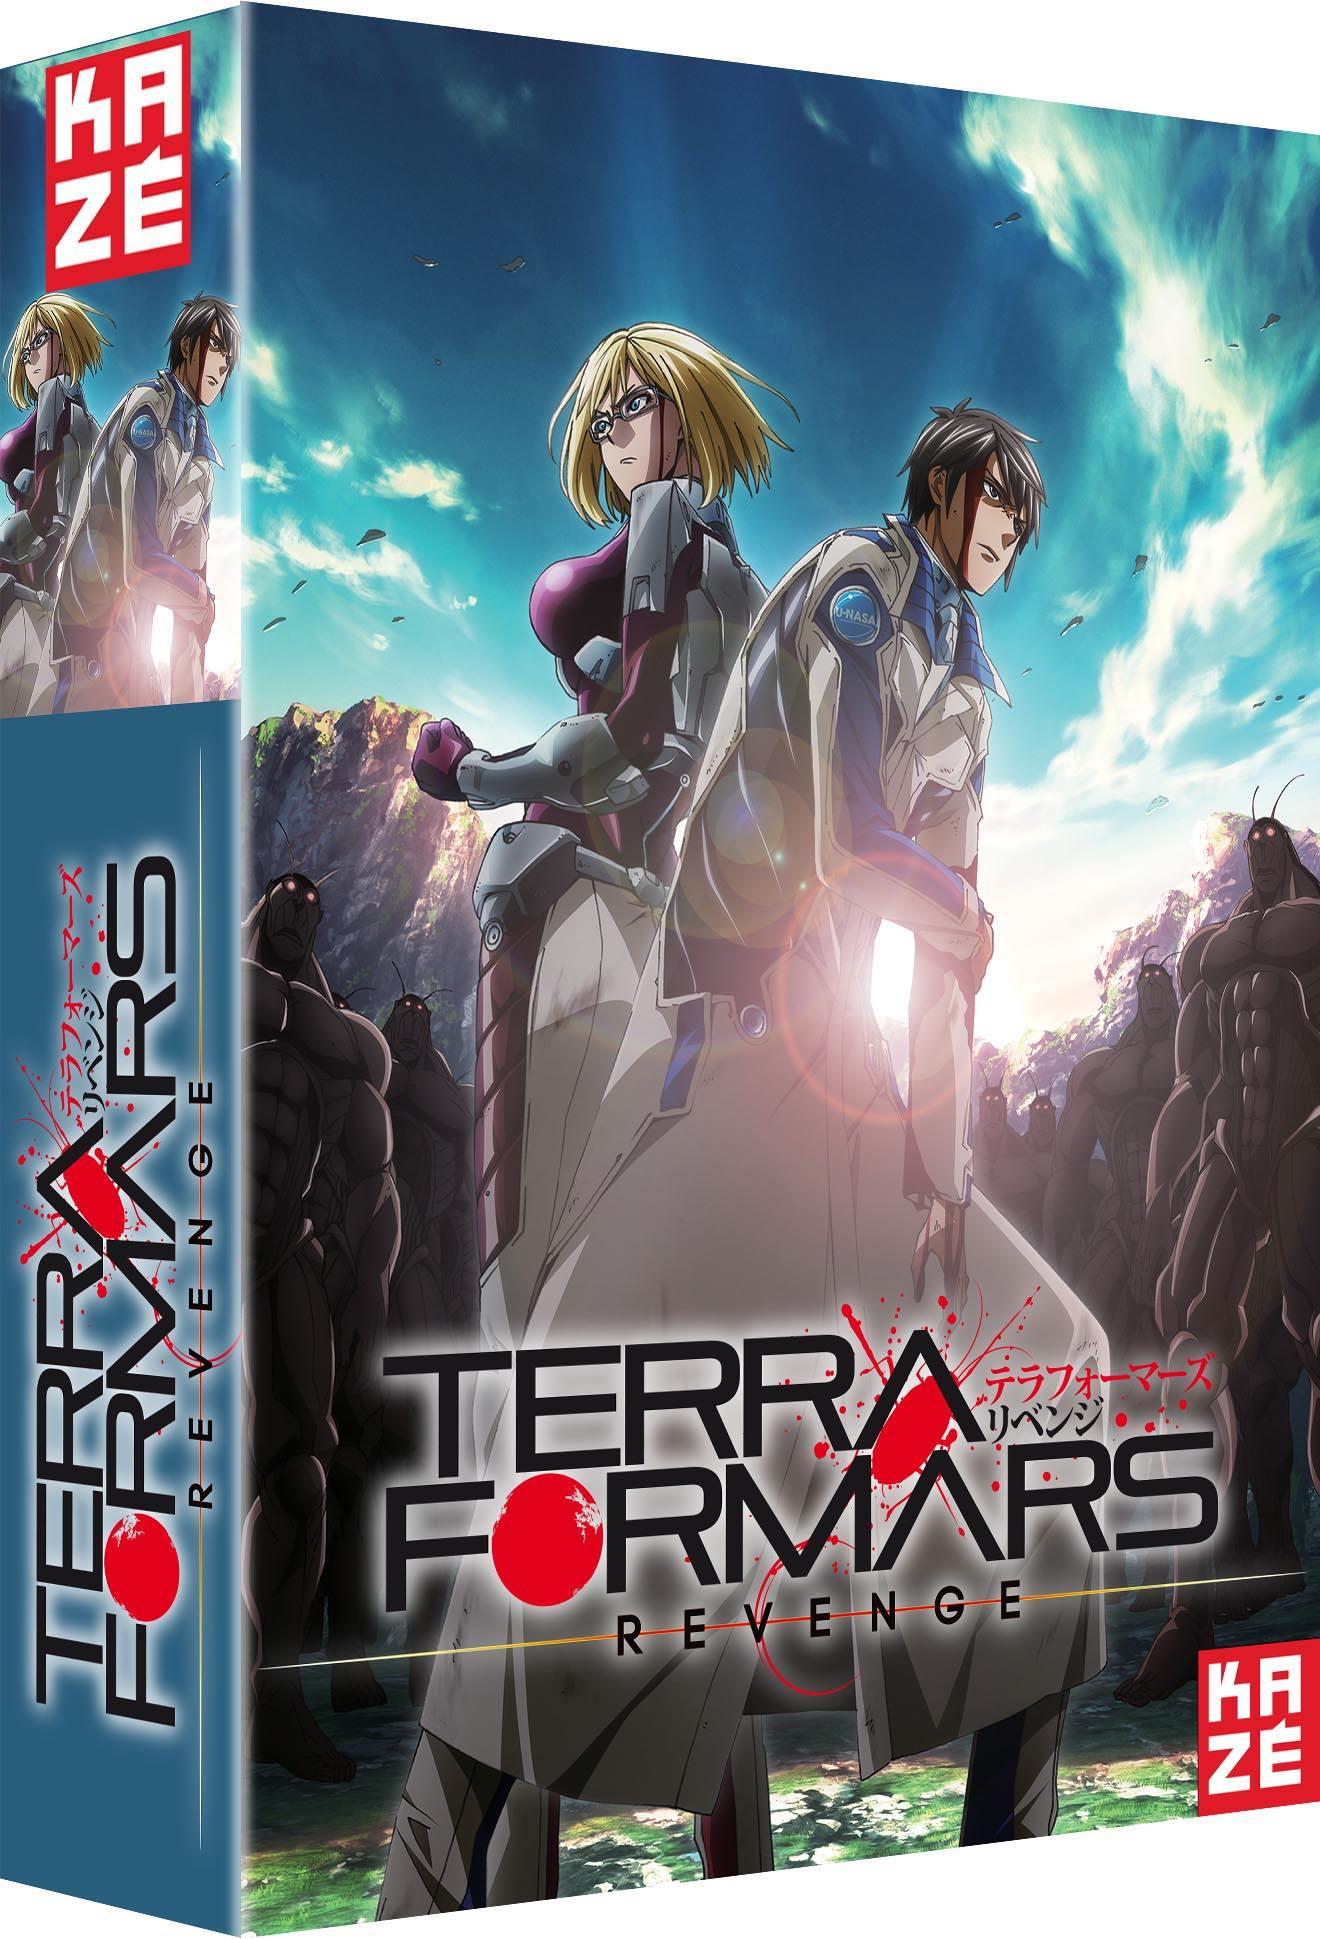 Terra formars revenge - saison 2 - 3 dvd